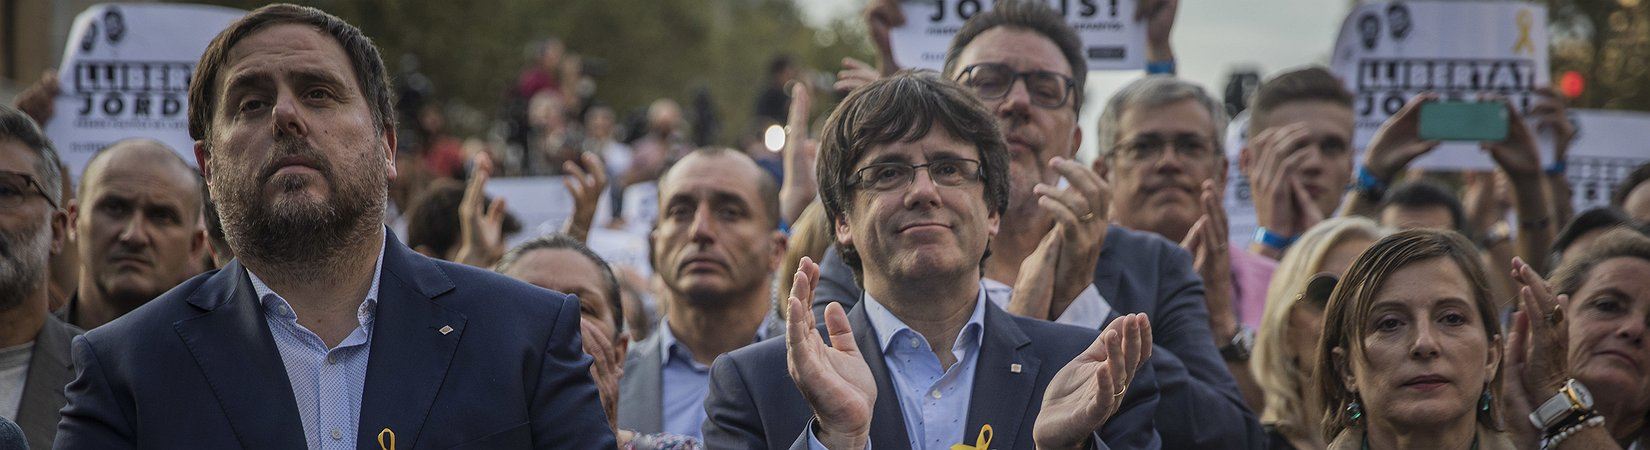 El Parlamento Catalán se reúne esta tarde y podría declarar la independencia